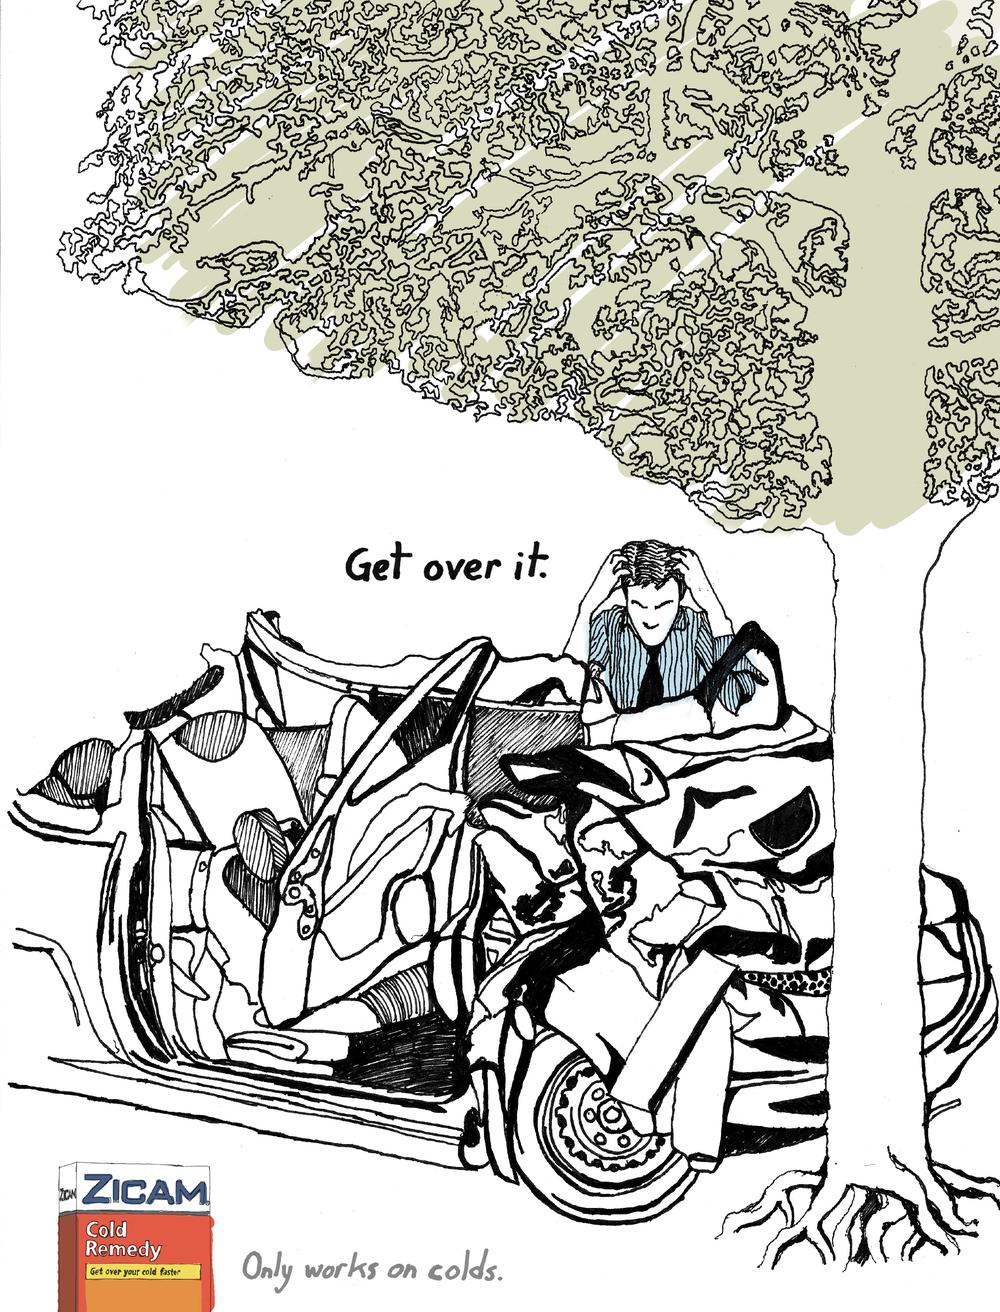 Zicam - Car_o.jpg